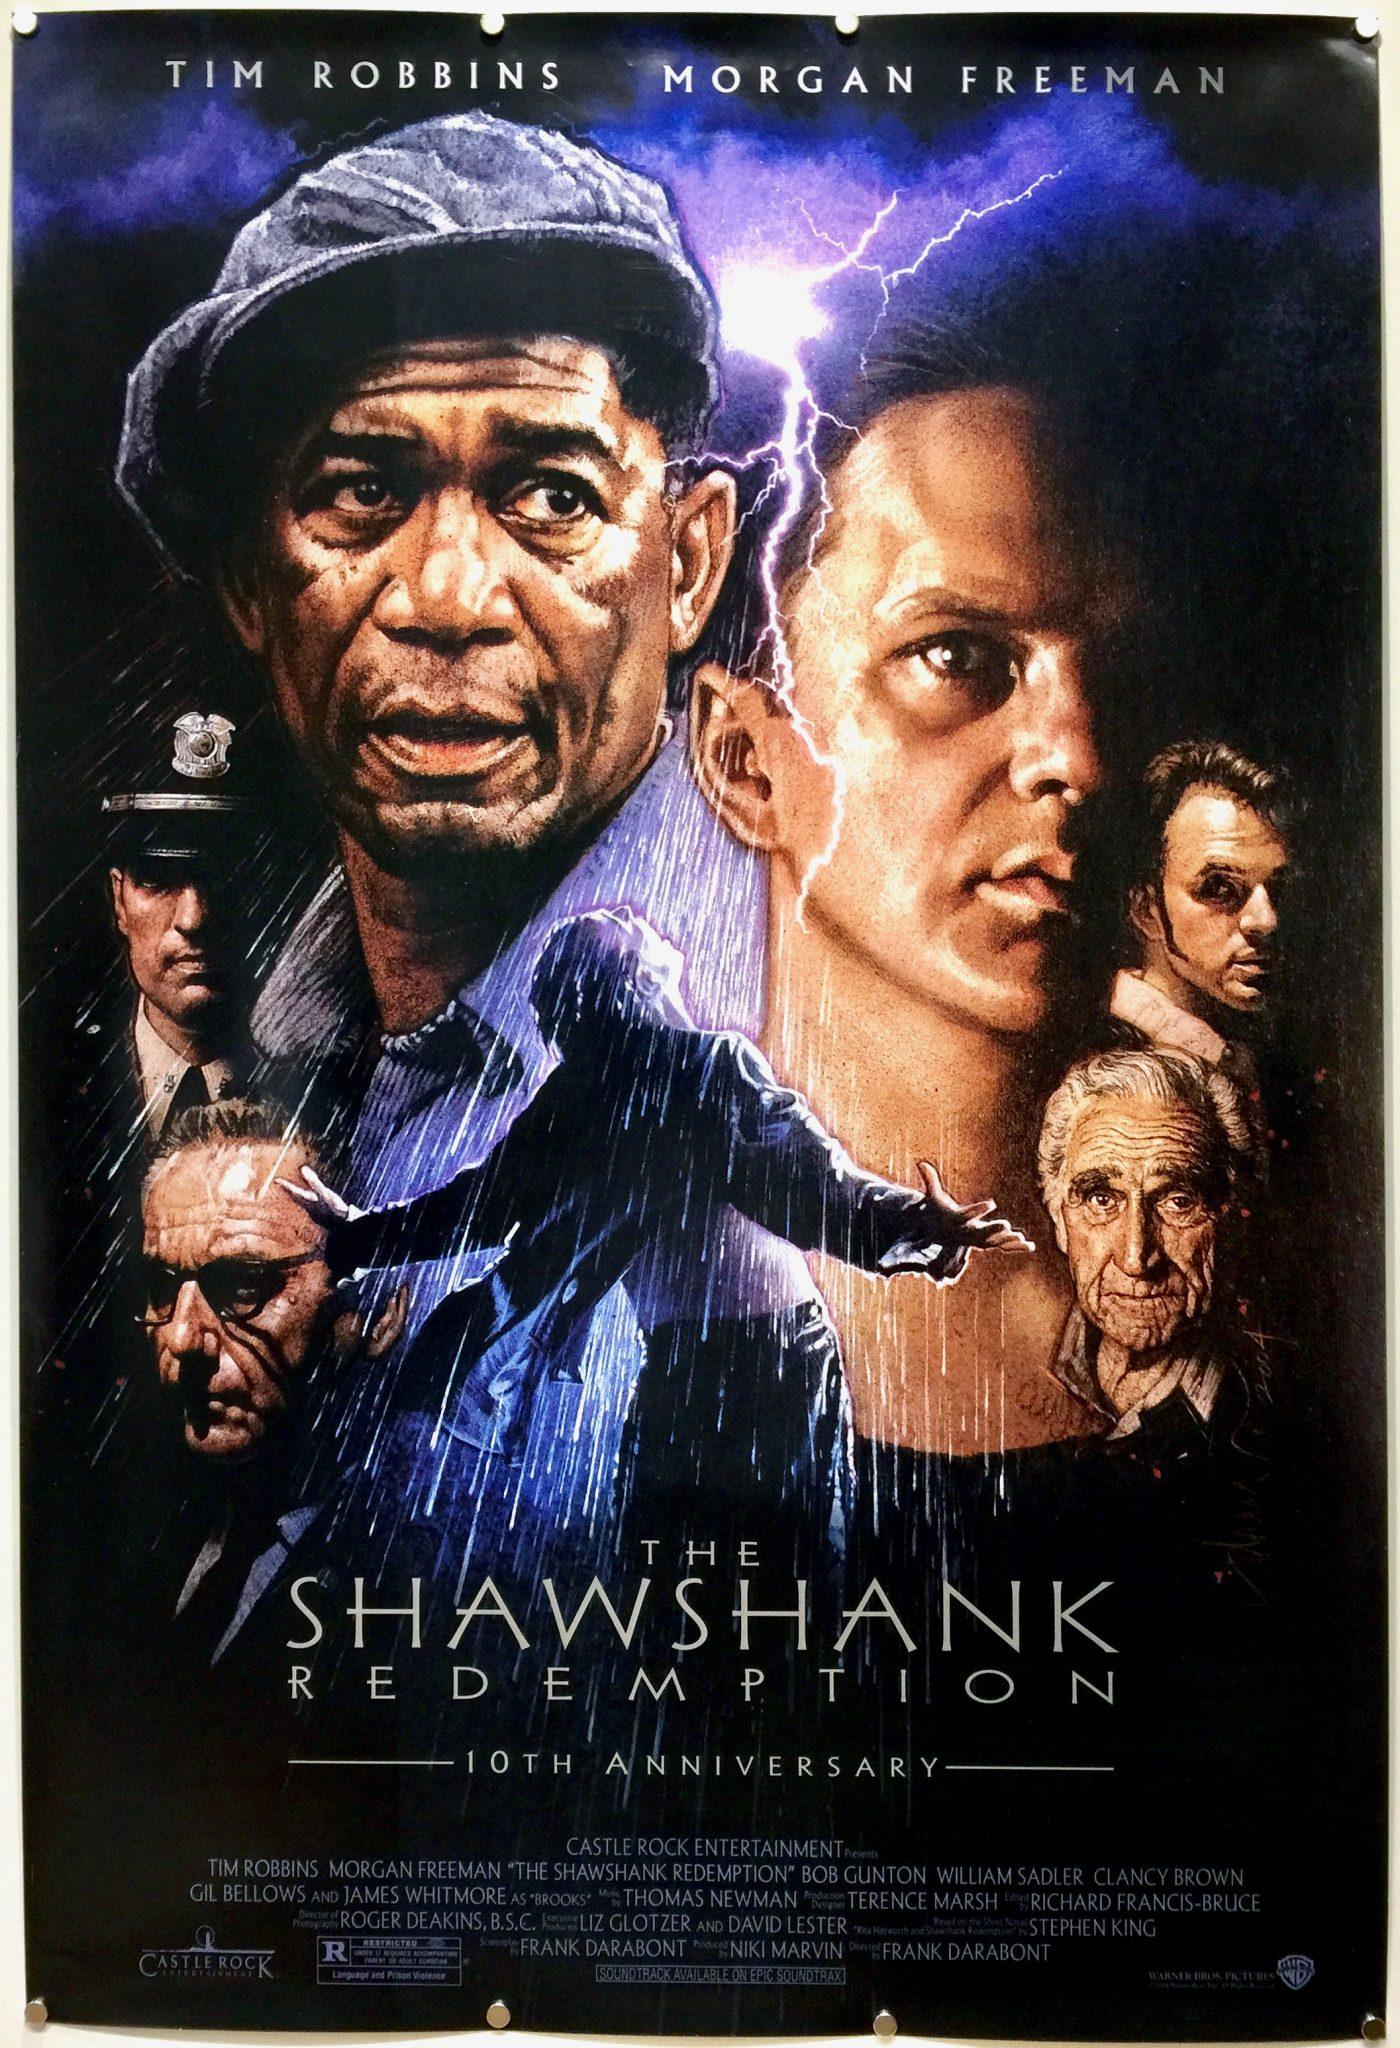 shawshank-redemption-10th-anniversary-us-one-sheet.jpg